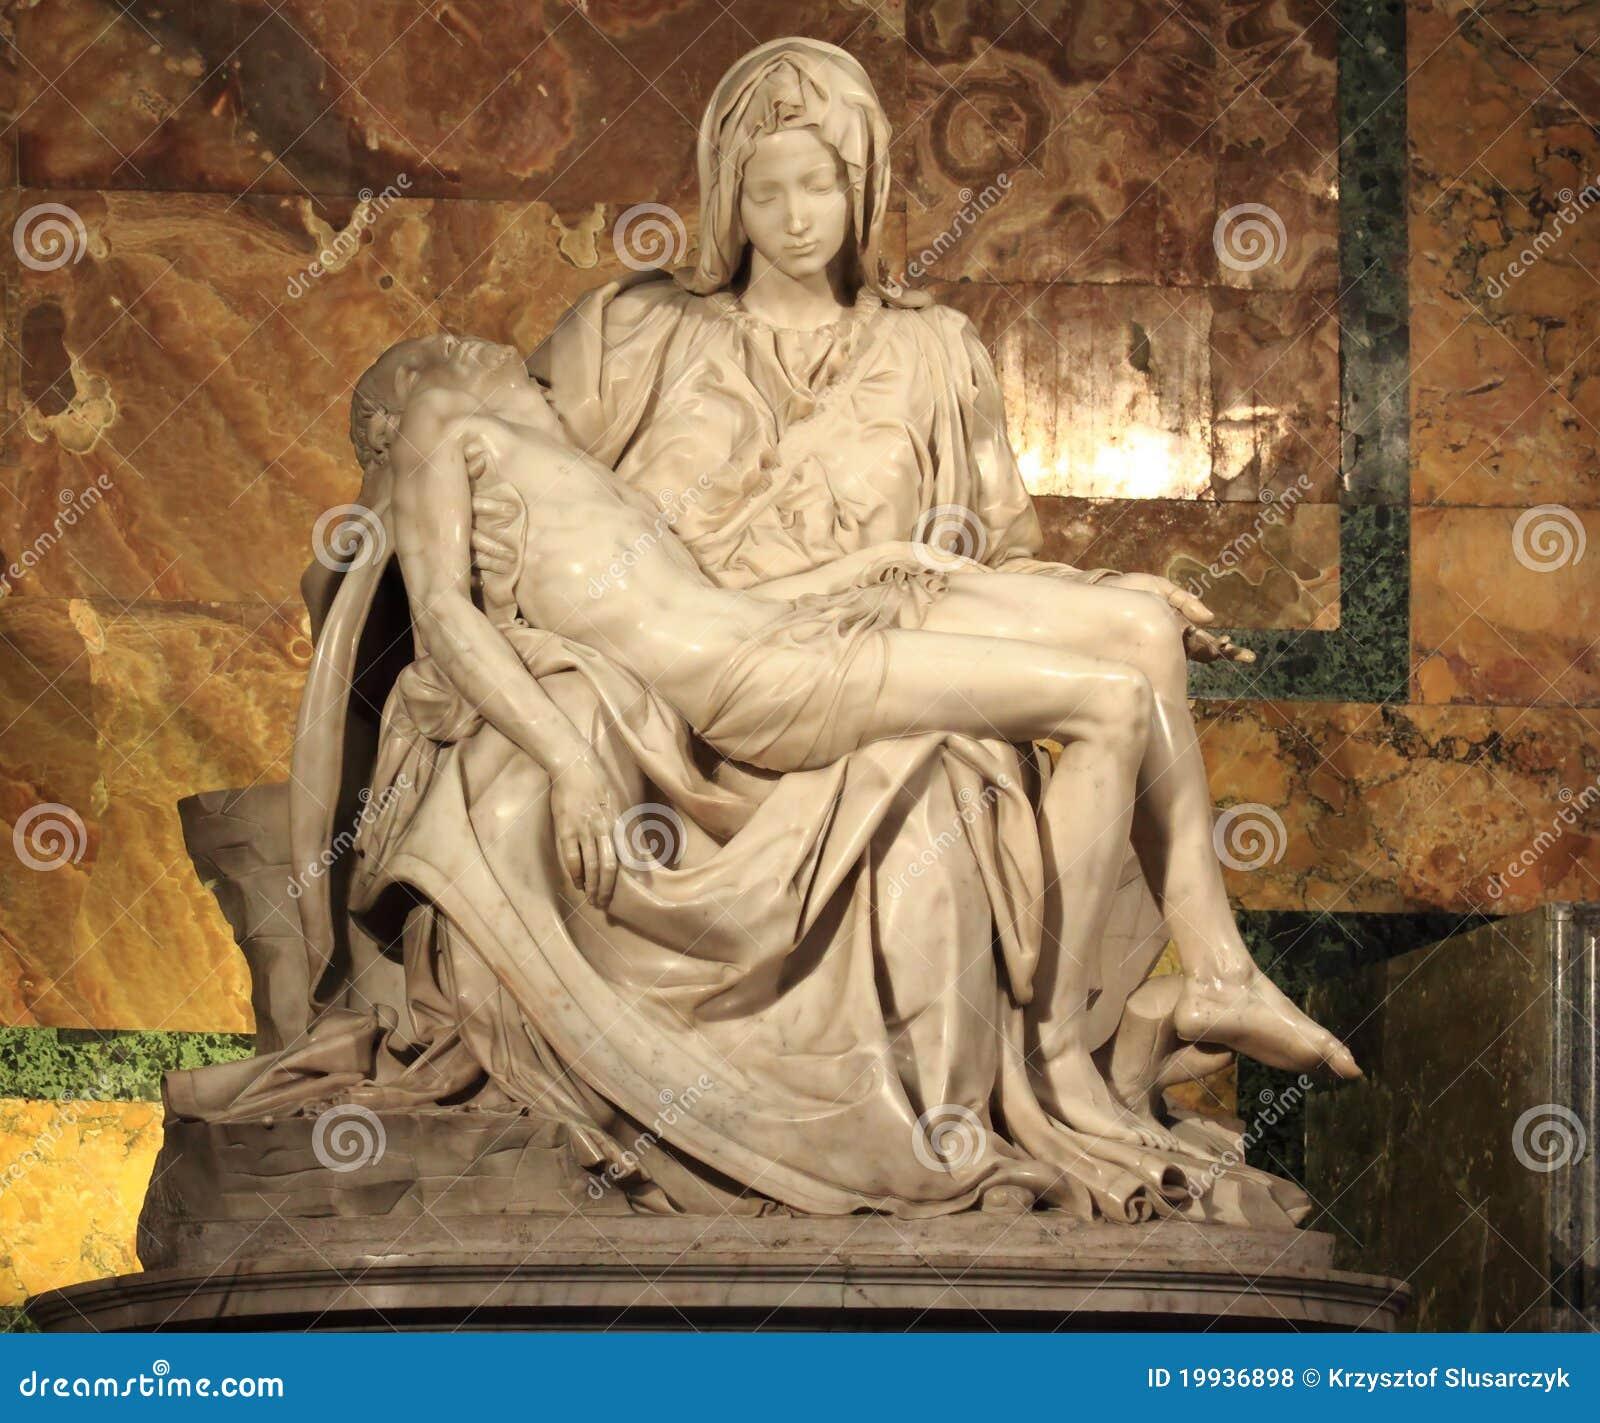 Michelangelo sculpture